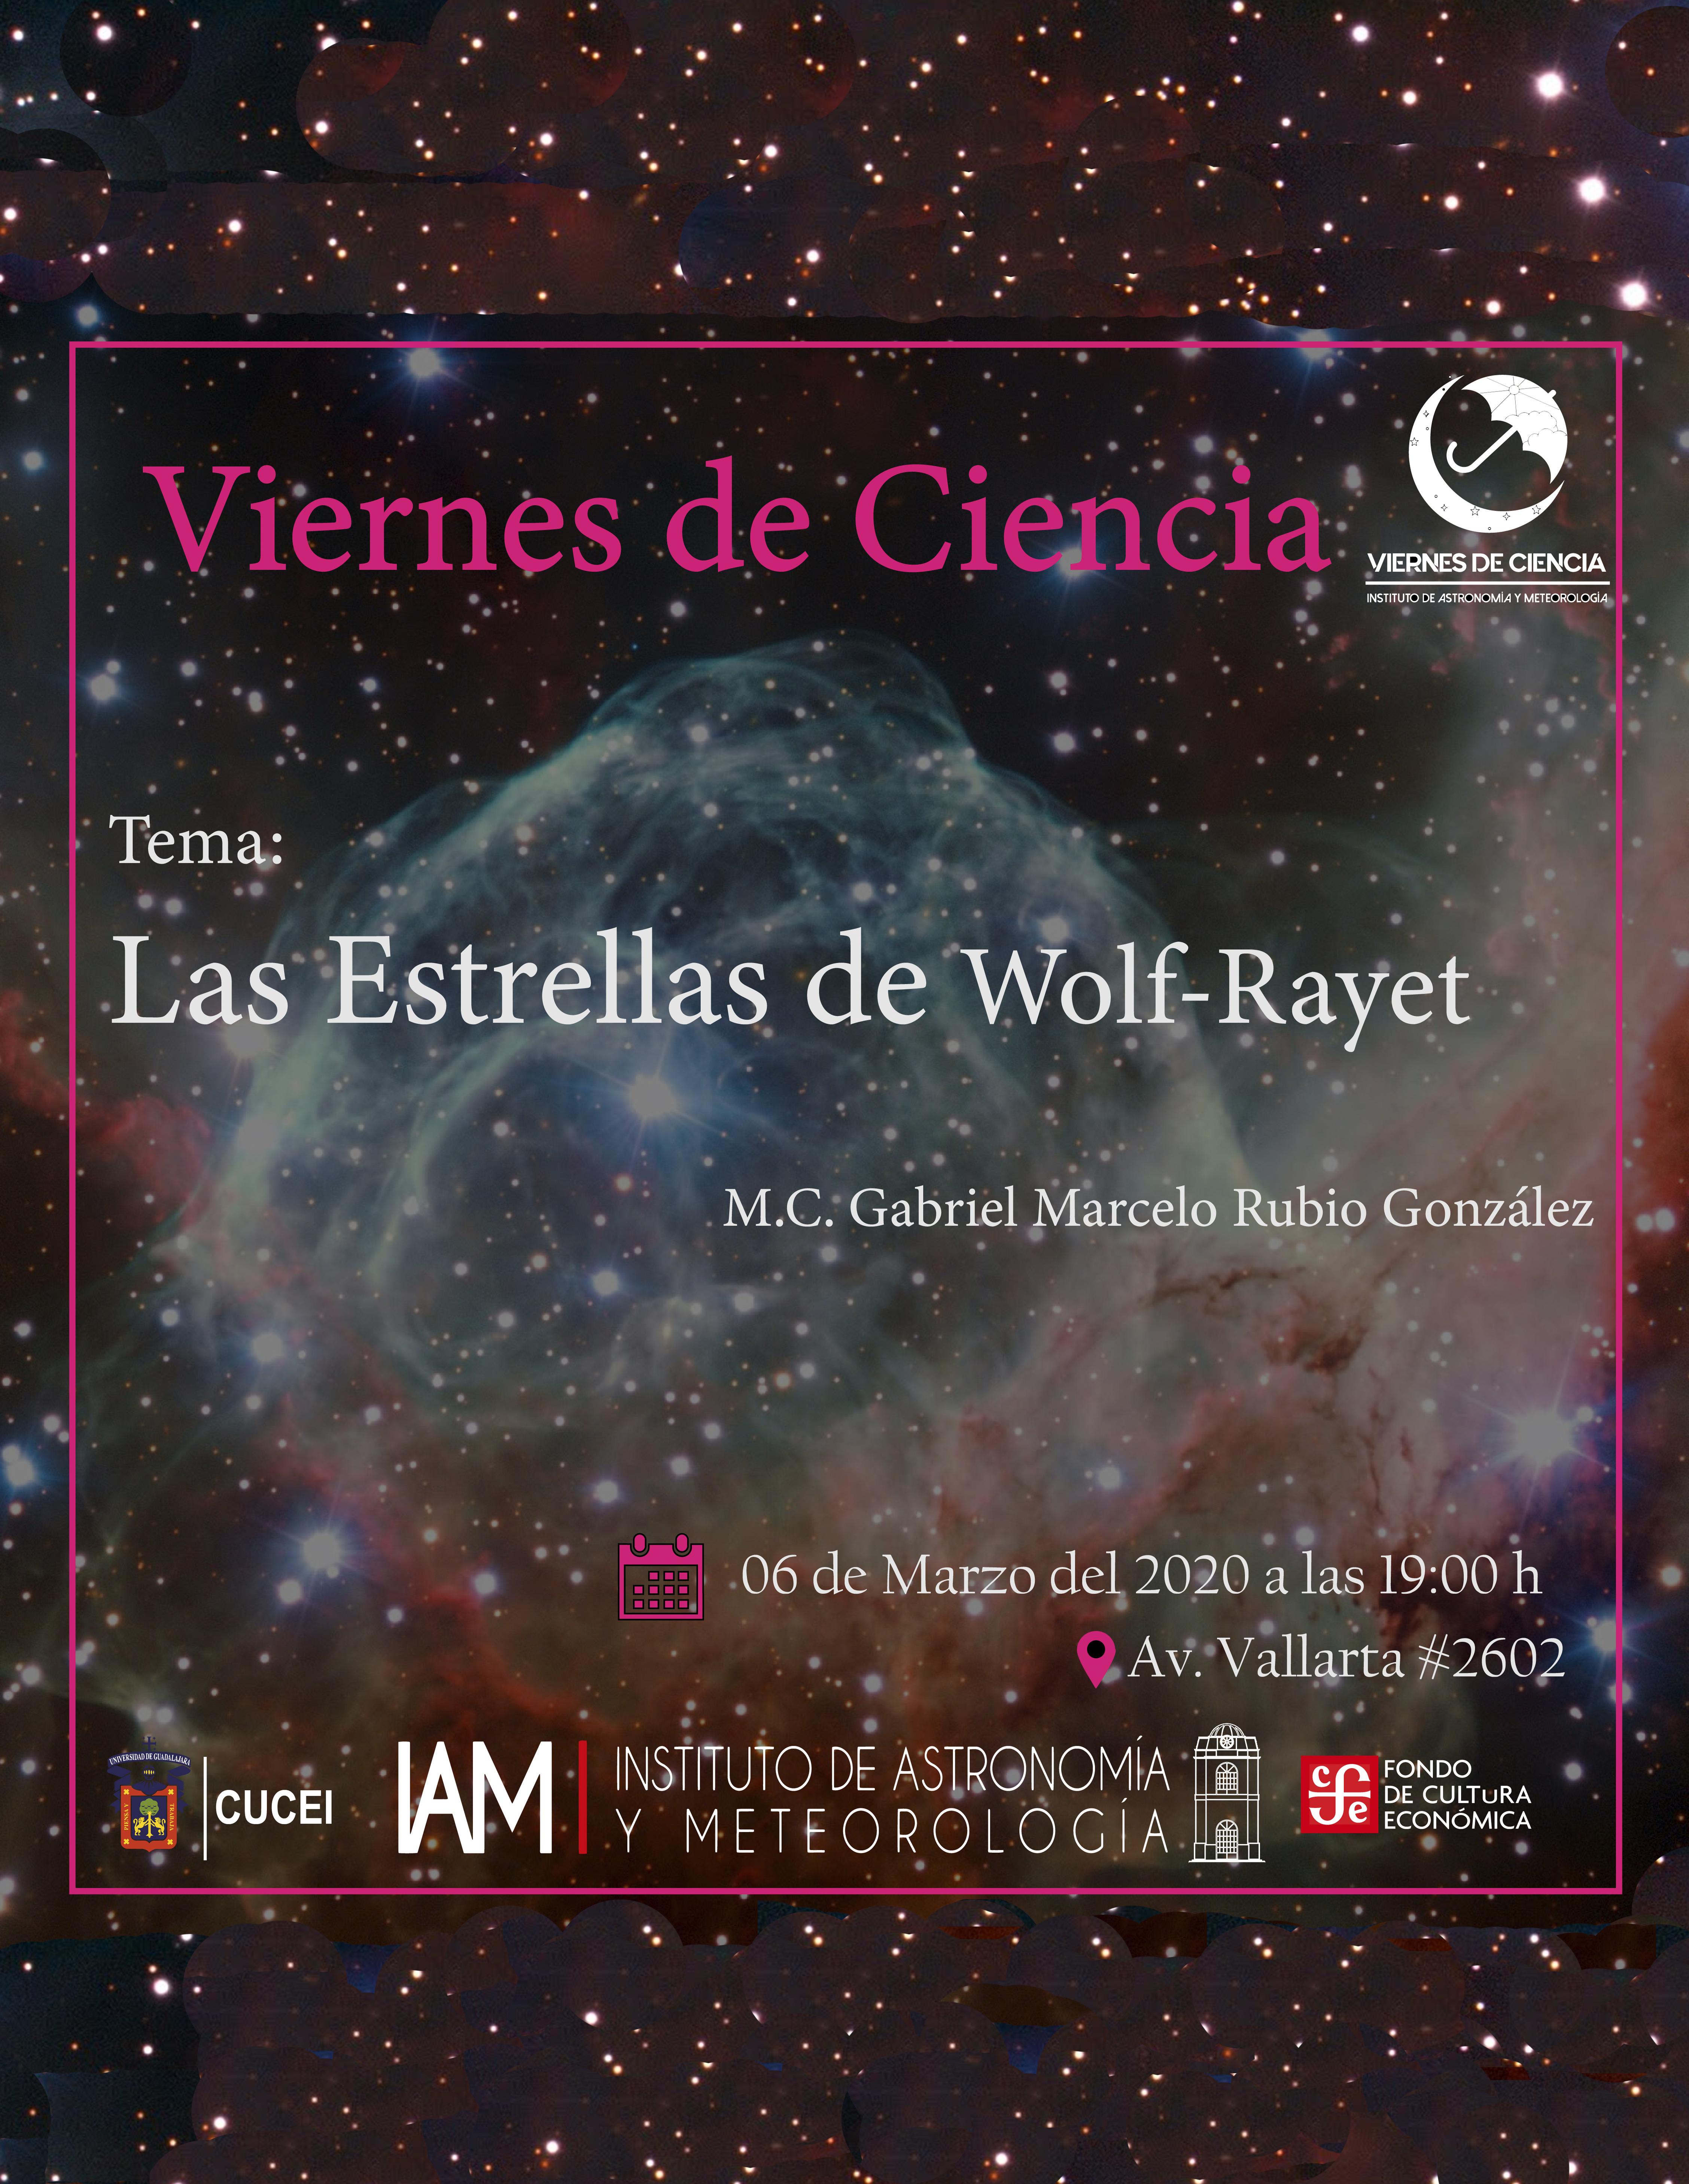 Viernes de Ciencia. Conferencia: Las estrellas de Wolf-Rayet a llevarse a cabo el 13 de marzo a las 19:00 horas.